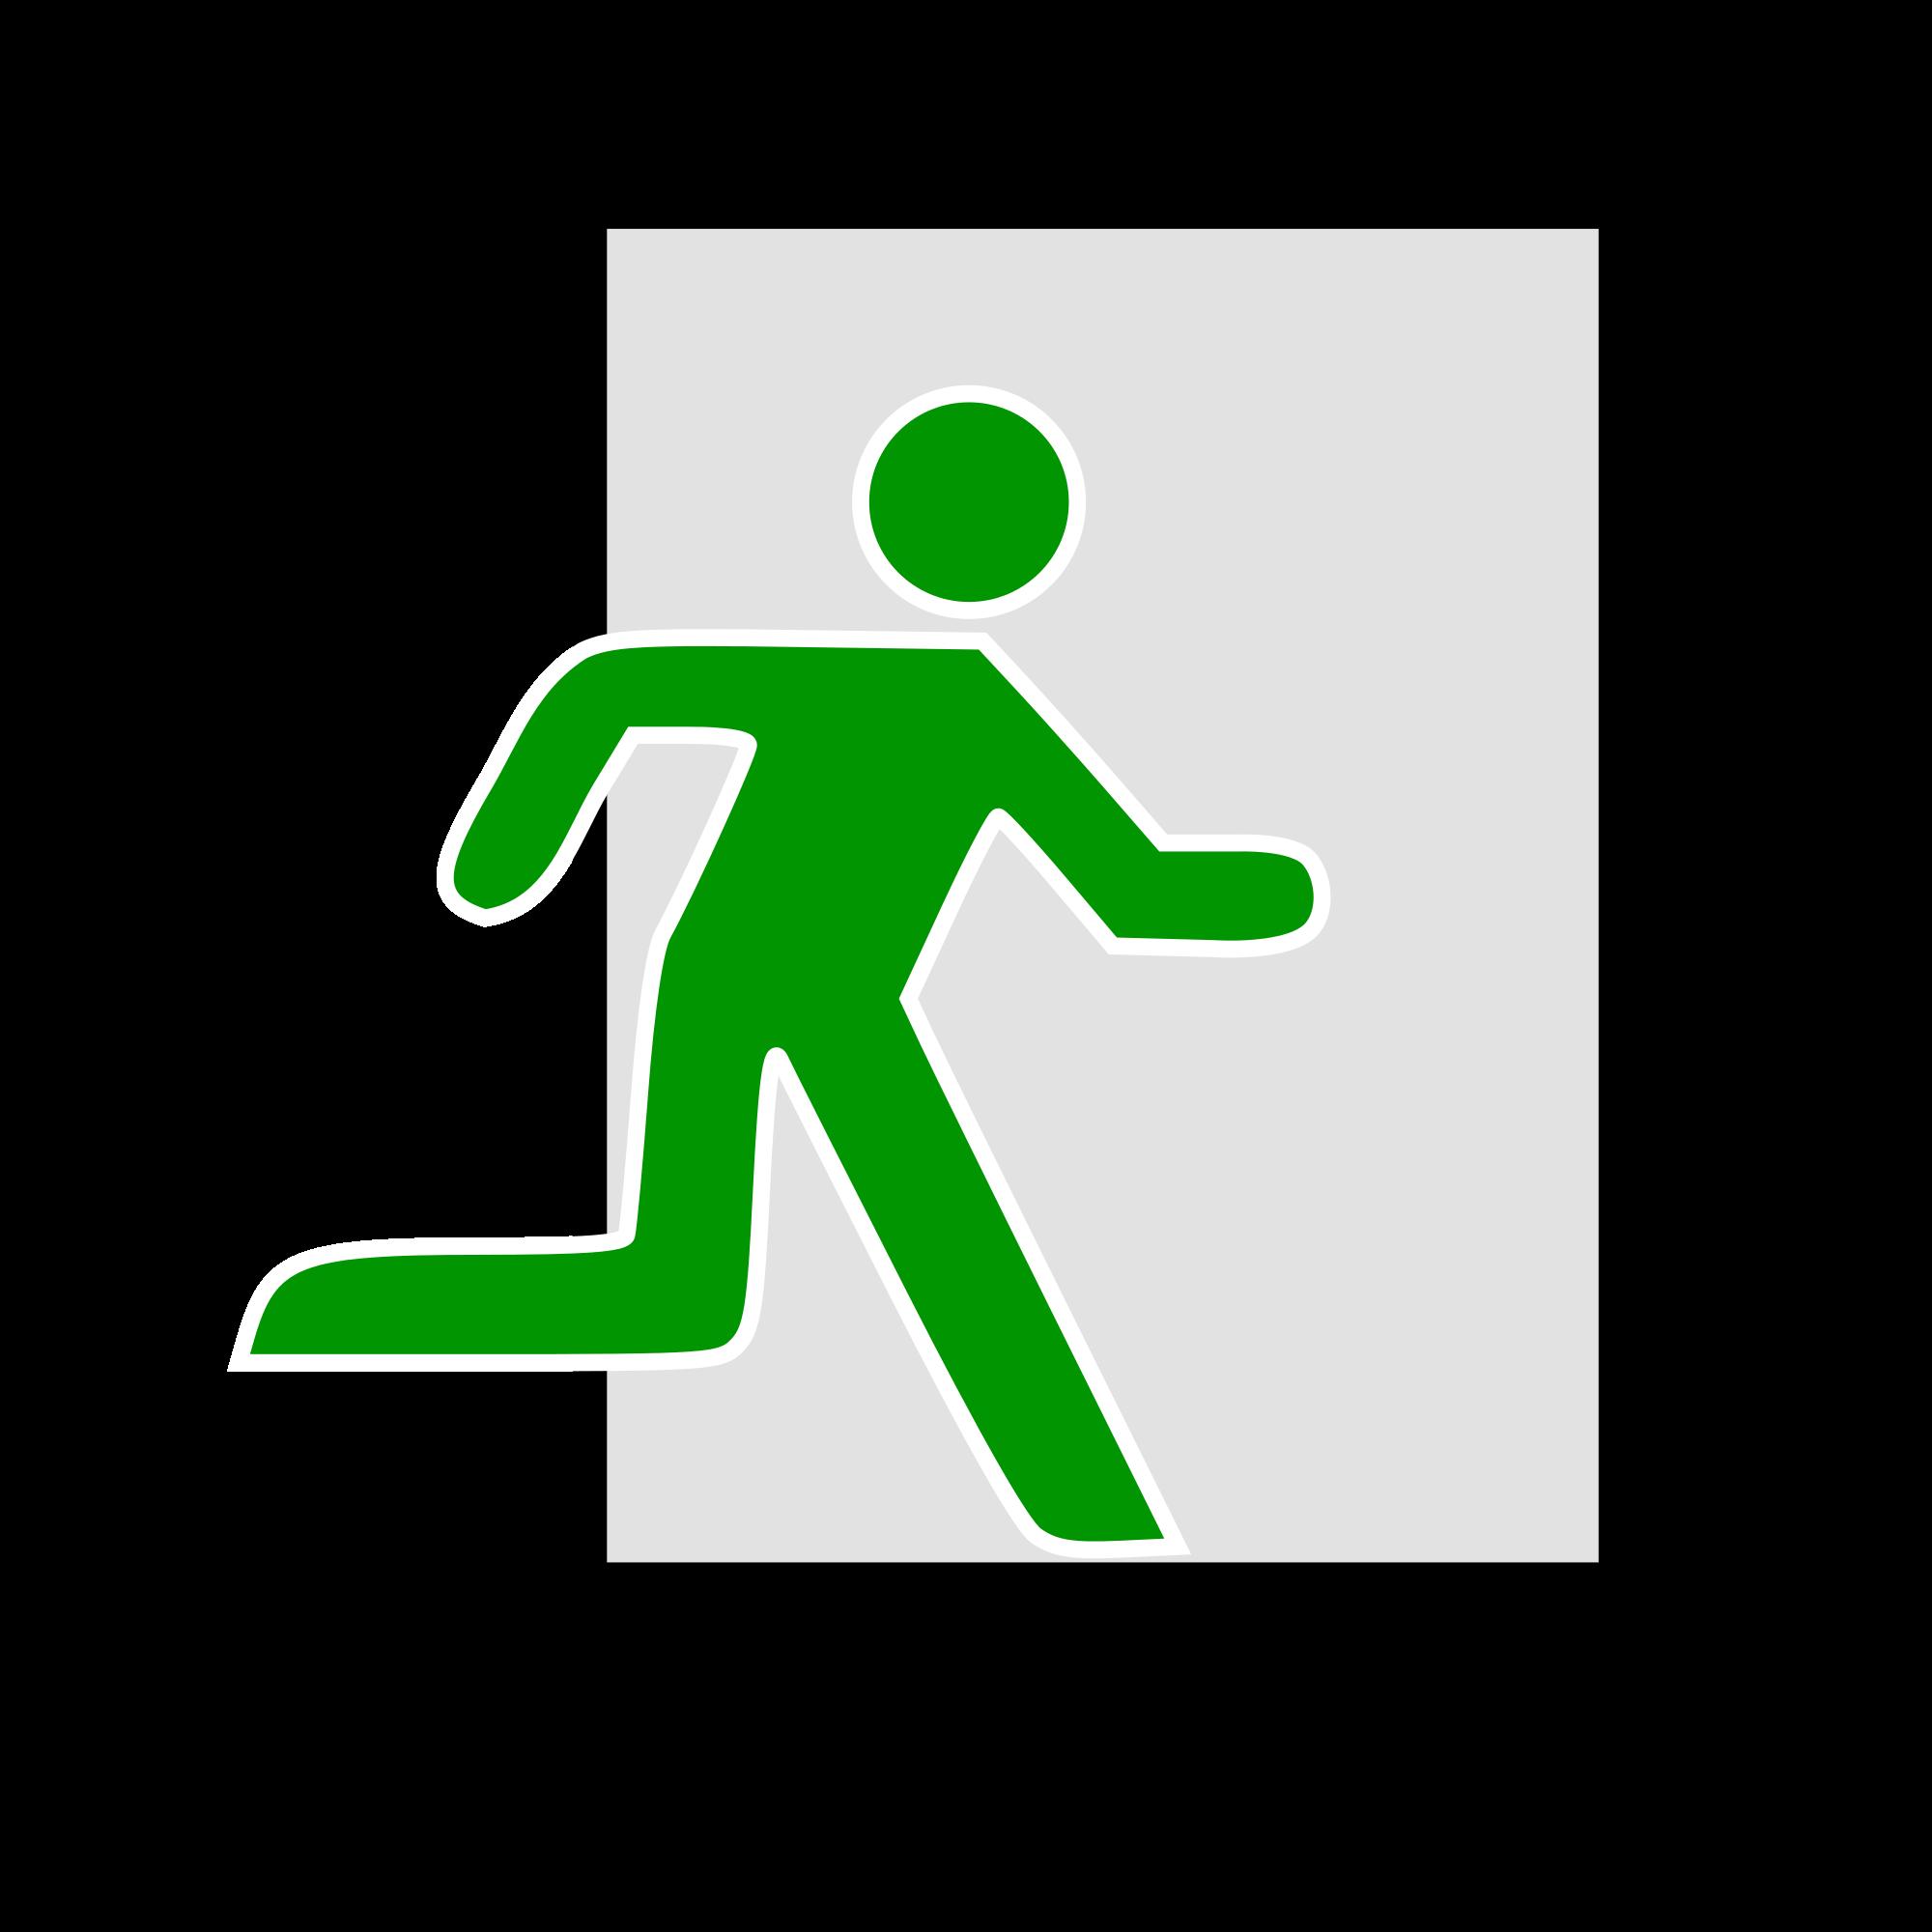 File emergency icon svg. Clipart door green door